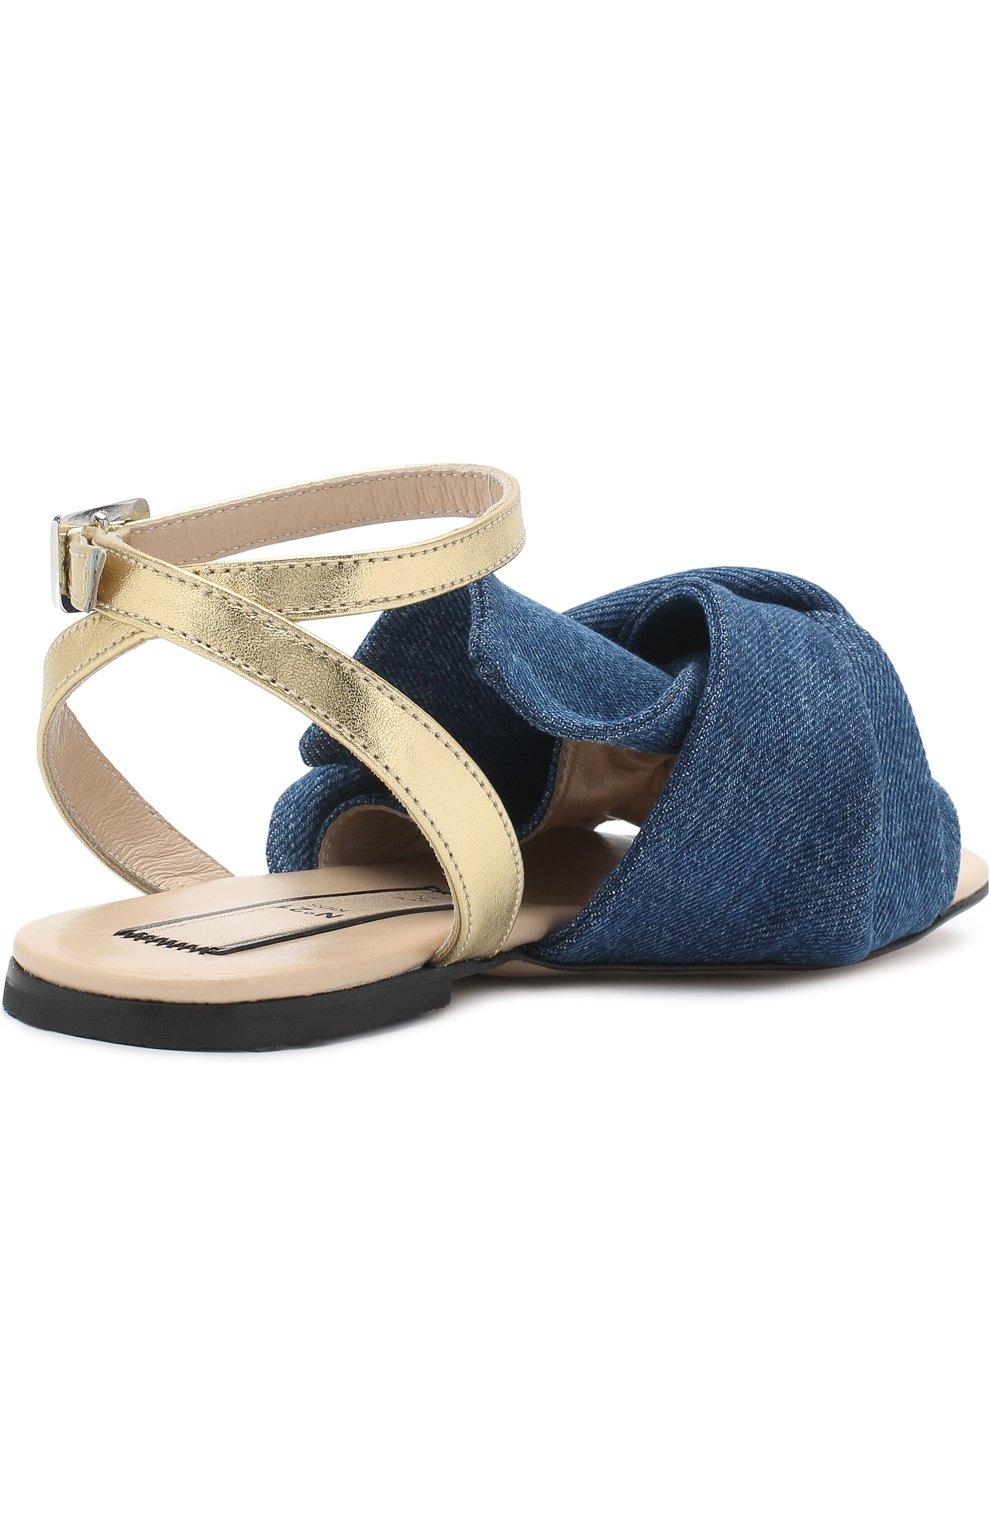 Детские текстильные сандалии с кожаным ремешком и бантом NO. 21 синего цвета, арт. 54606/36-41 | Фото 3